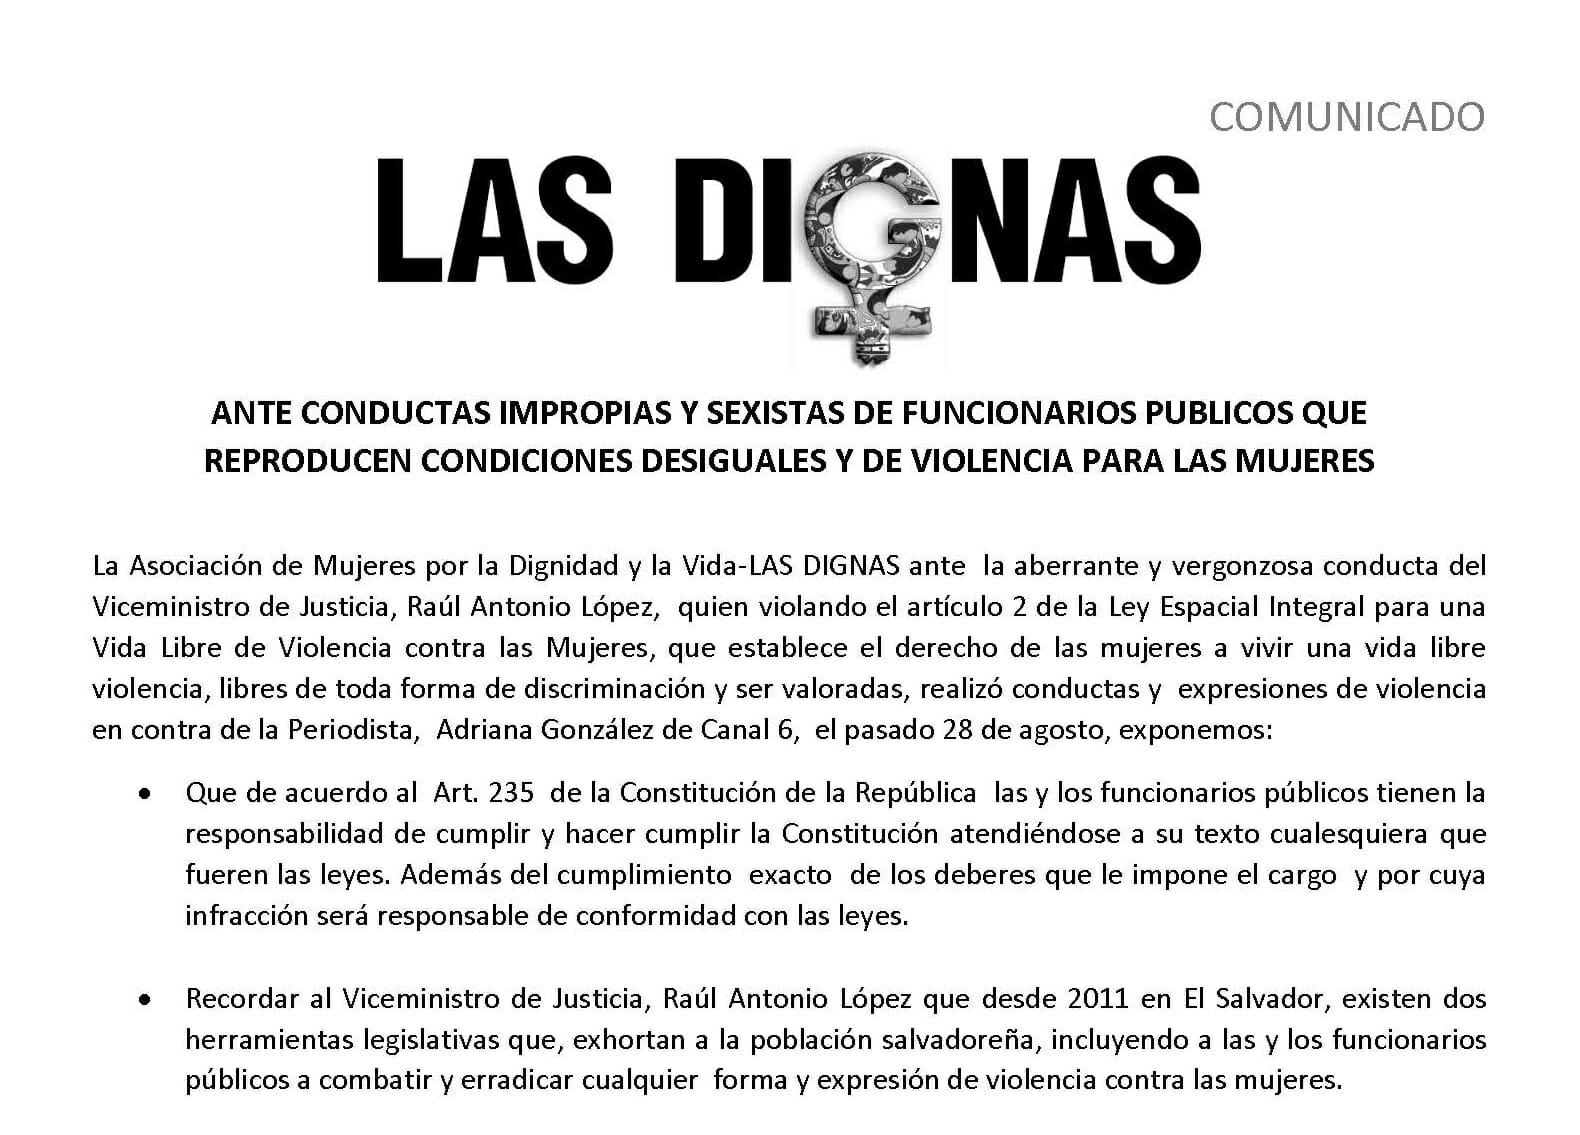 ANTE CONDUCTAS IMPROPIAS Y SEXISTAS DE FUNCIONARIOS PUBLICOS QUE  REPRODUCEN CONDICIONES DESIGUALES Y DE VIOLENCIA PARA LAS MUJERES